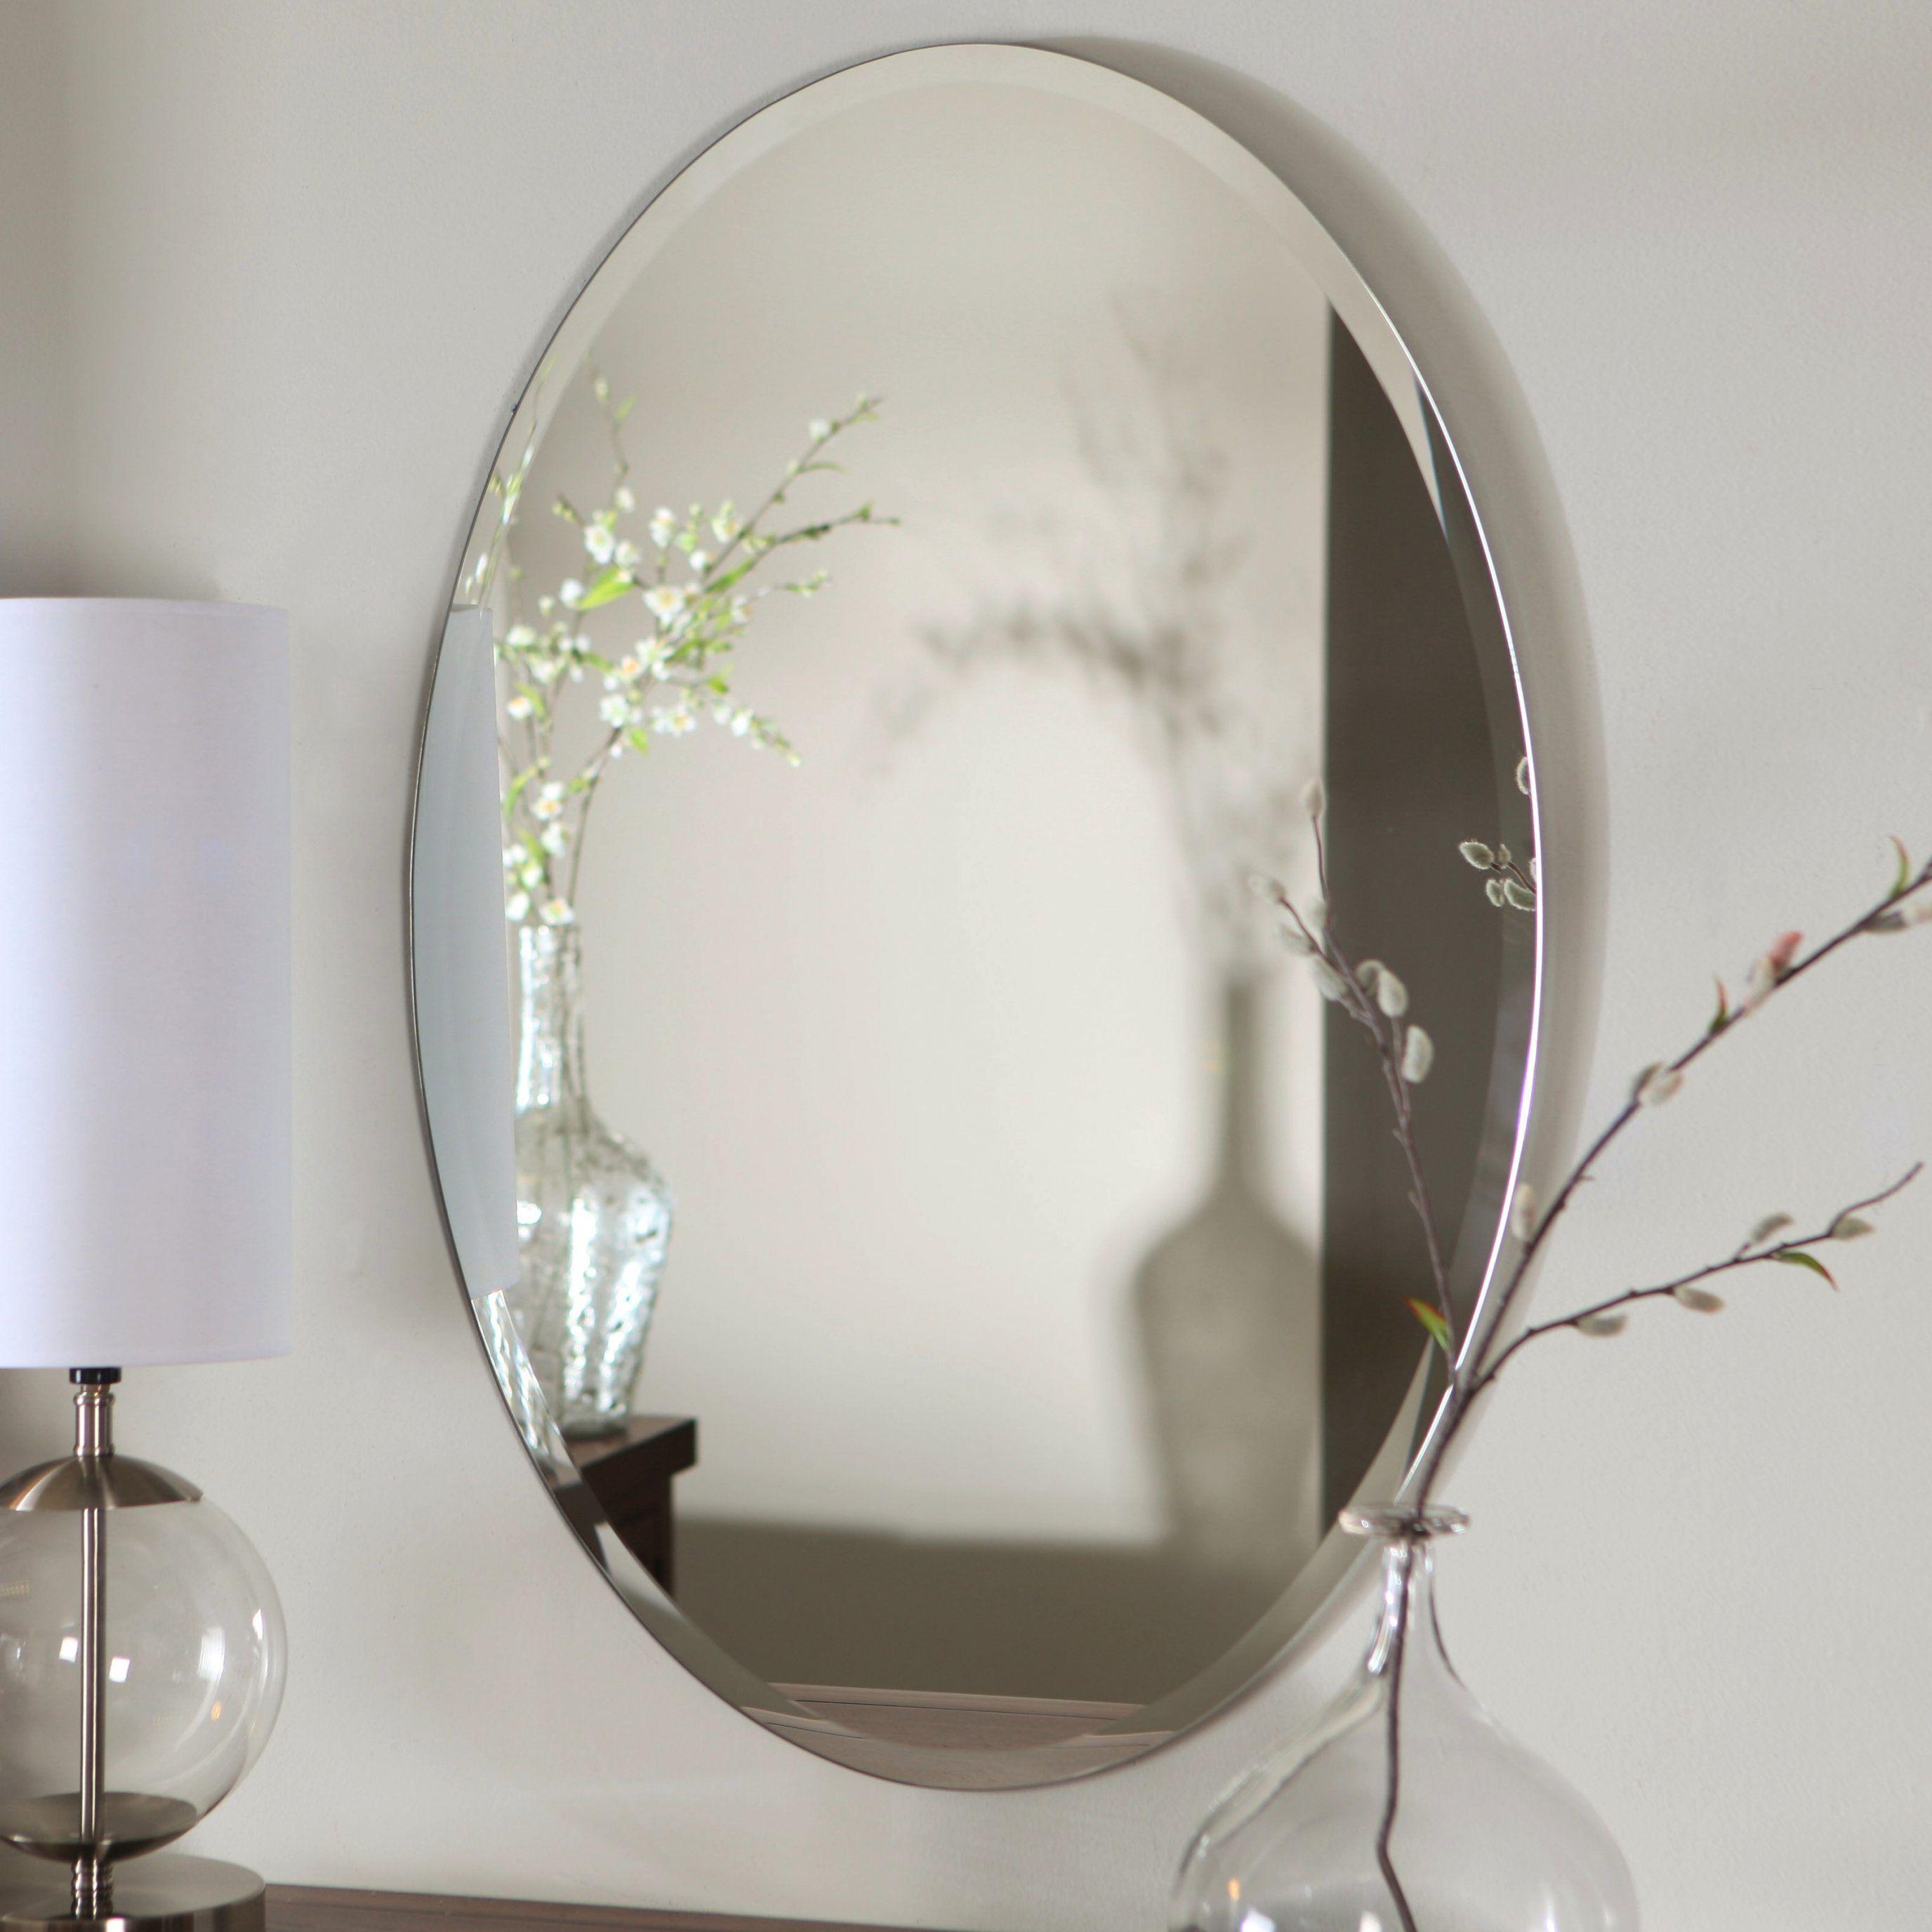 Oval Badezimmer Spiegel Ovaler Badezimmer Spiegel Wenn Man Bedenkt Residence Interior Desig Schlafzimmer Wandspiegel Wandspiegel Ovaler Badezimmerspiegel